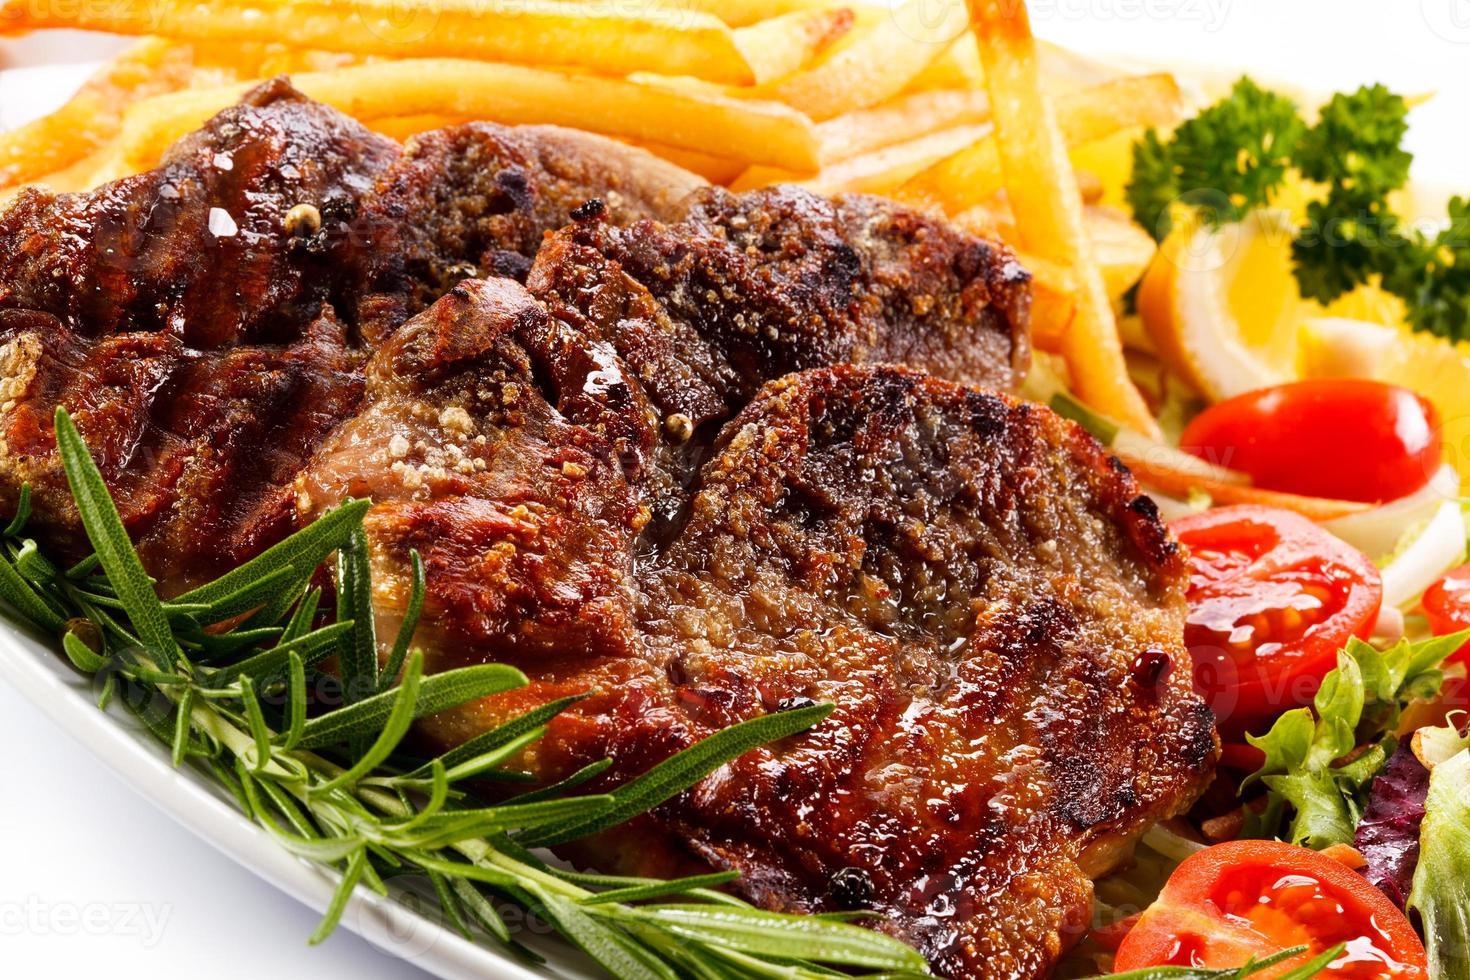 bistecche alla griglia, patatine fritte e verdure foto